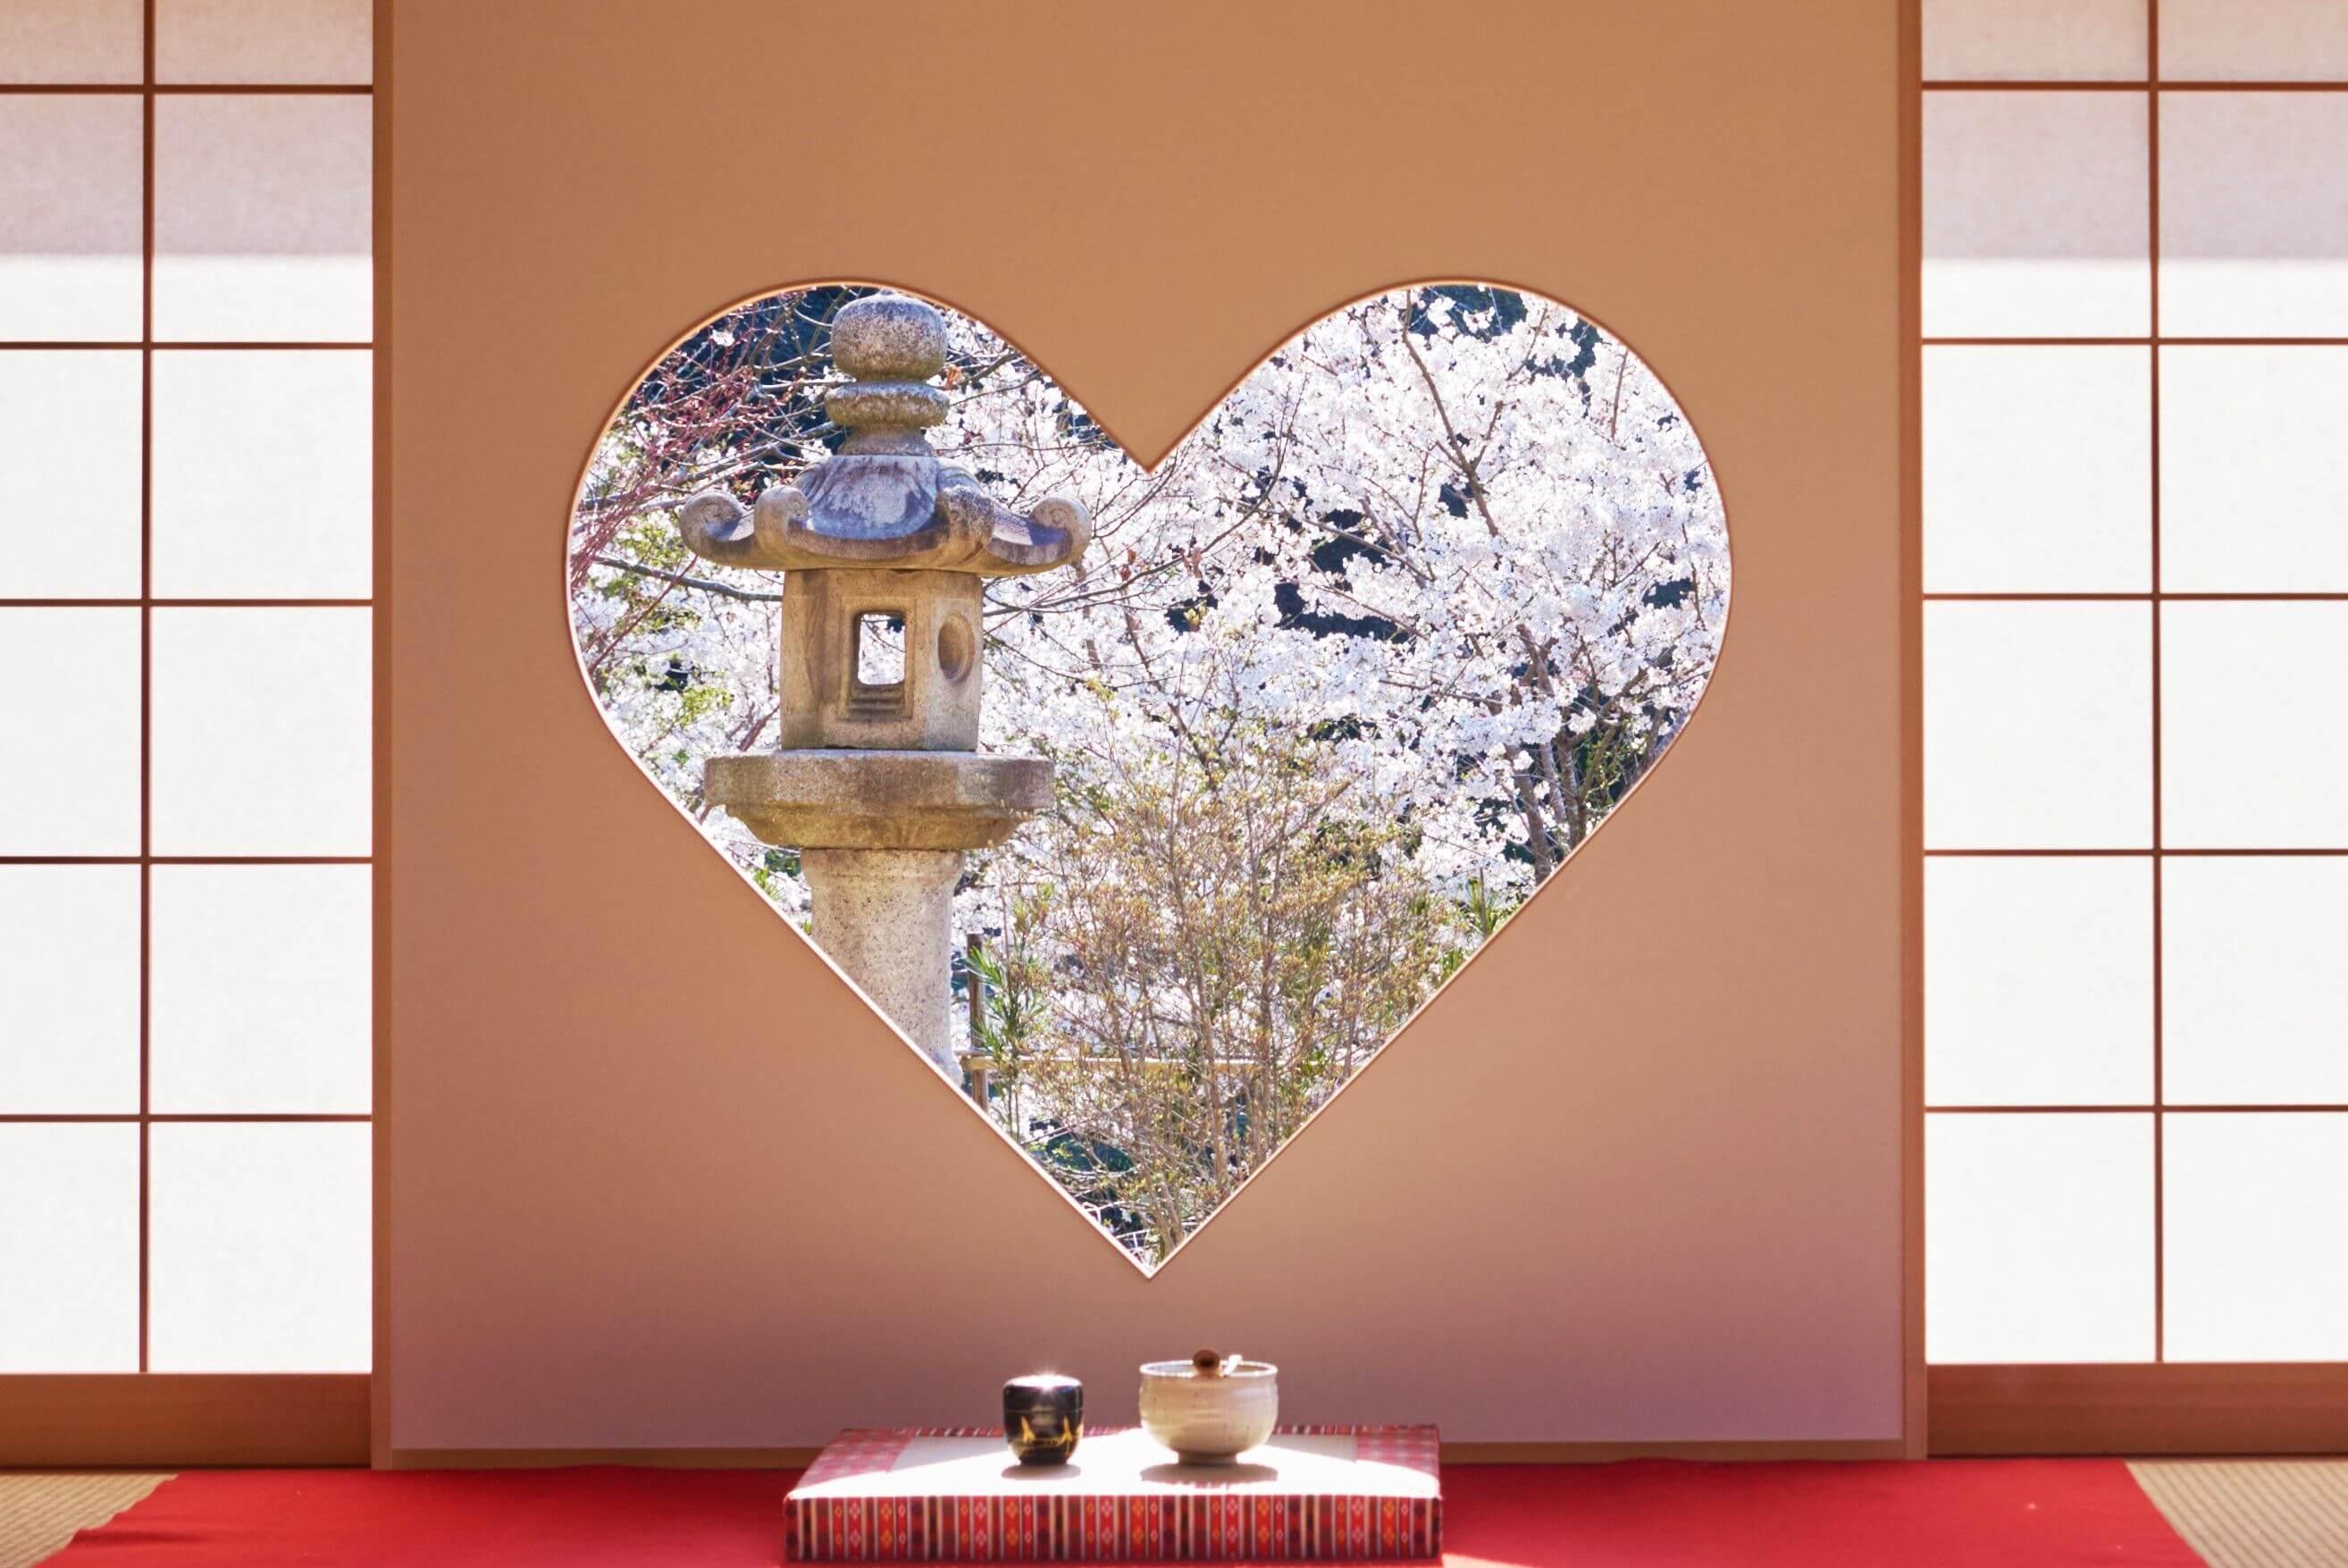 祇園辻利の宇治抹茶を使用したスイーツ!抹茶スイーツブッフェ京都で開催5